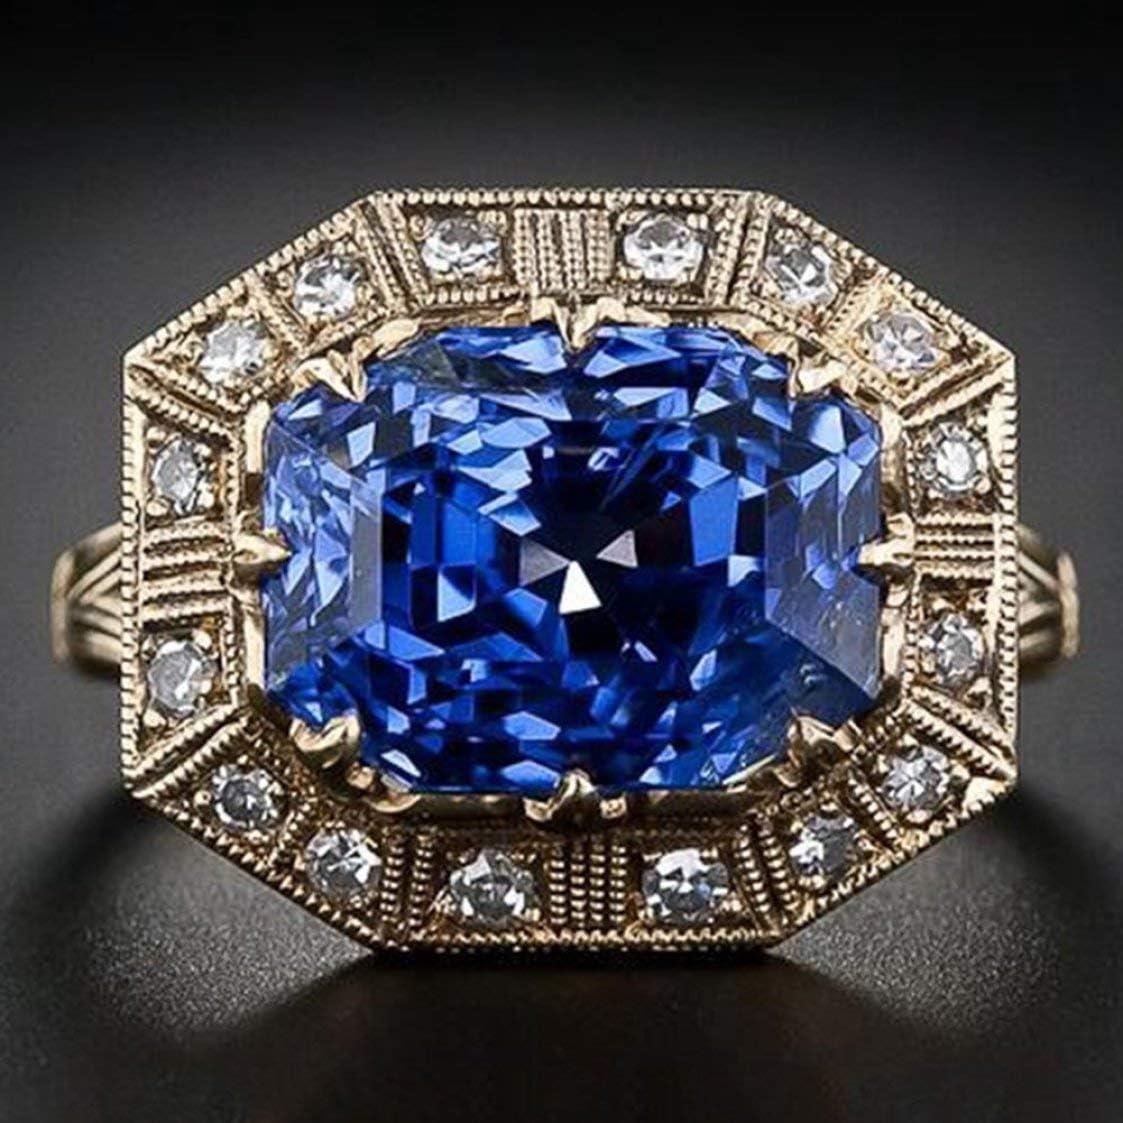 djryj Famosa Antiguo Joyería Arte Natural Zafiro Azul&Diamante Anillo con Piedra Preciosa Novia Boda Compromiso Anillo Joyería